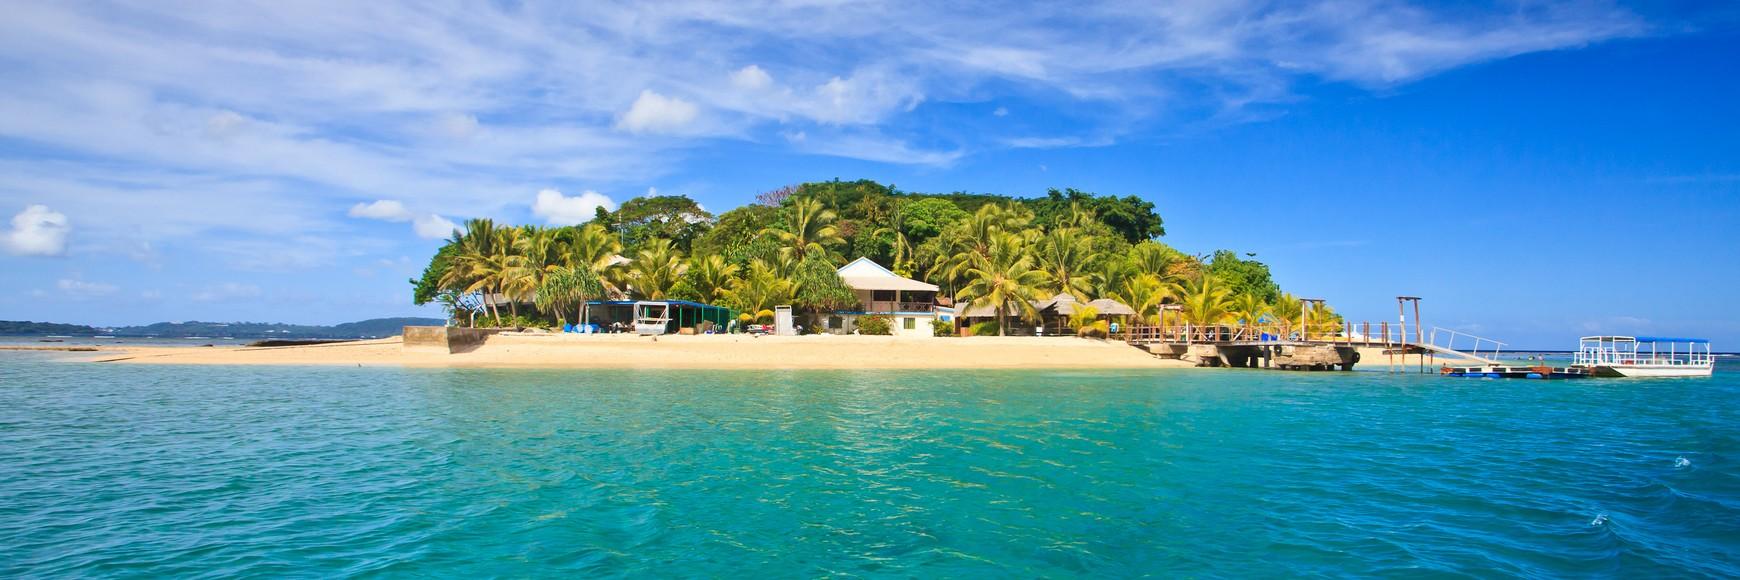 noleggio barca a motore Vanuatu